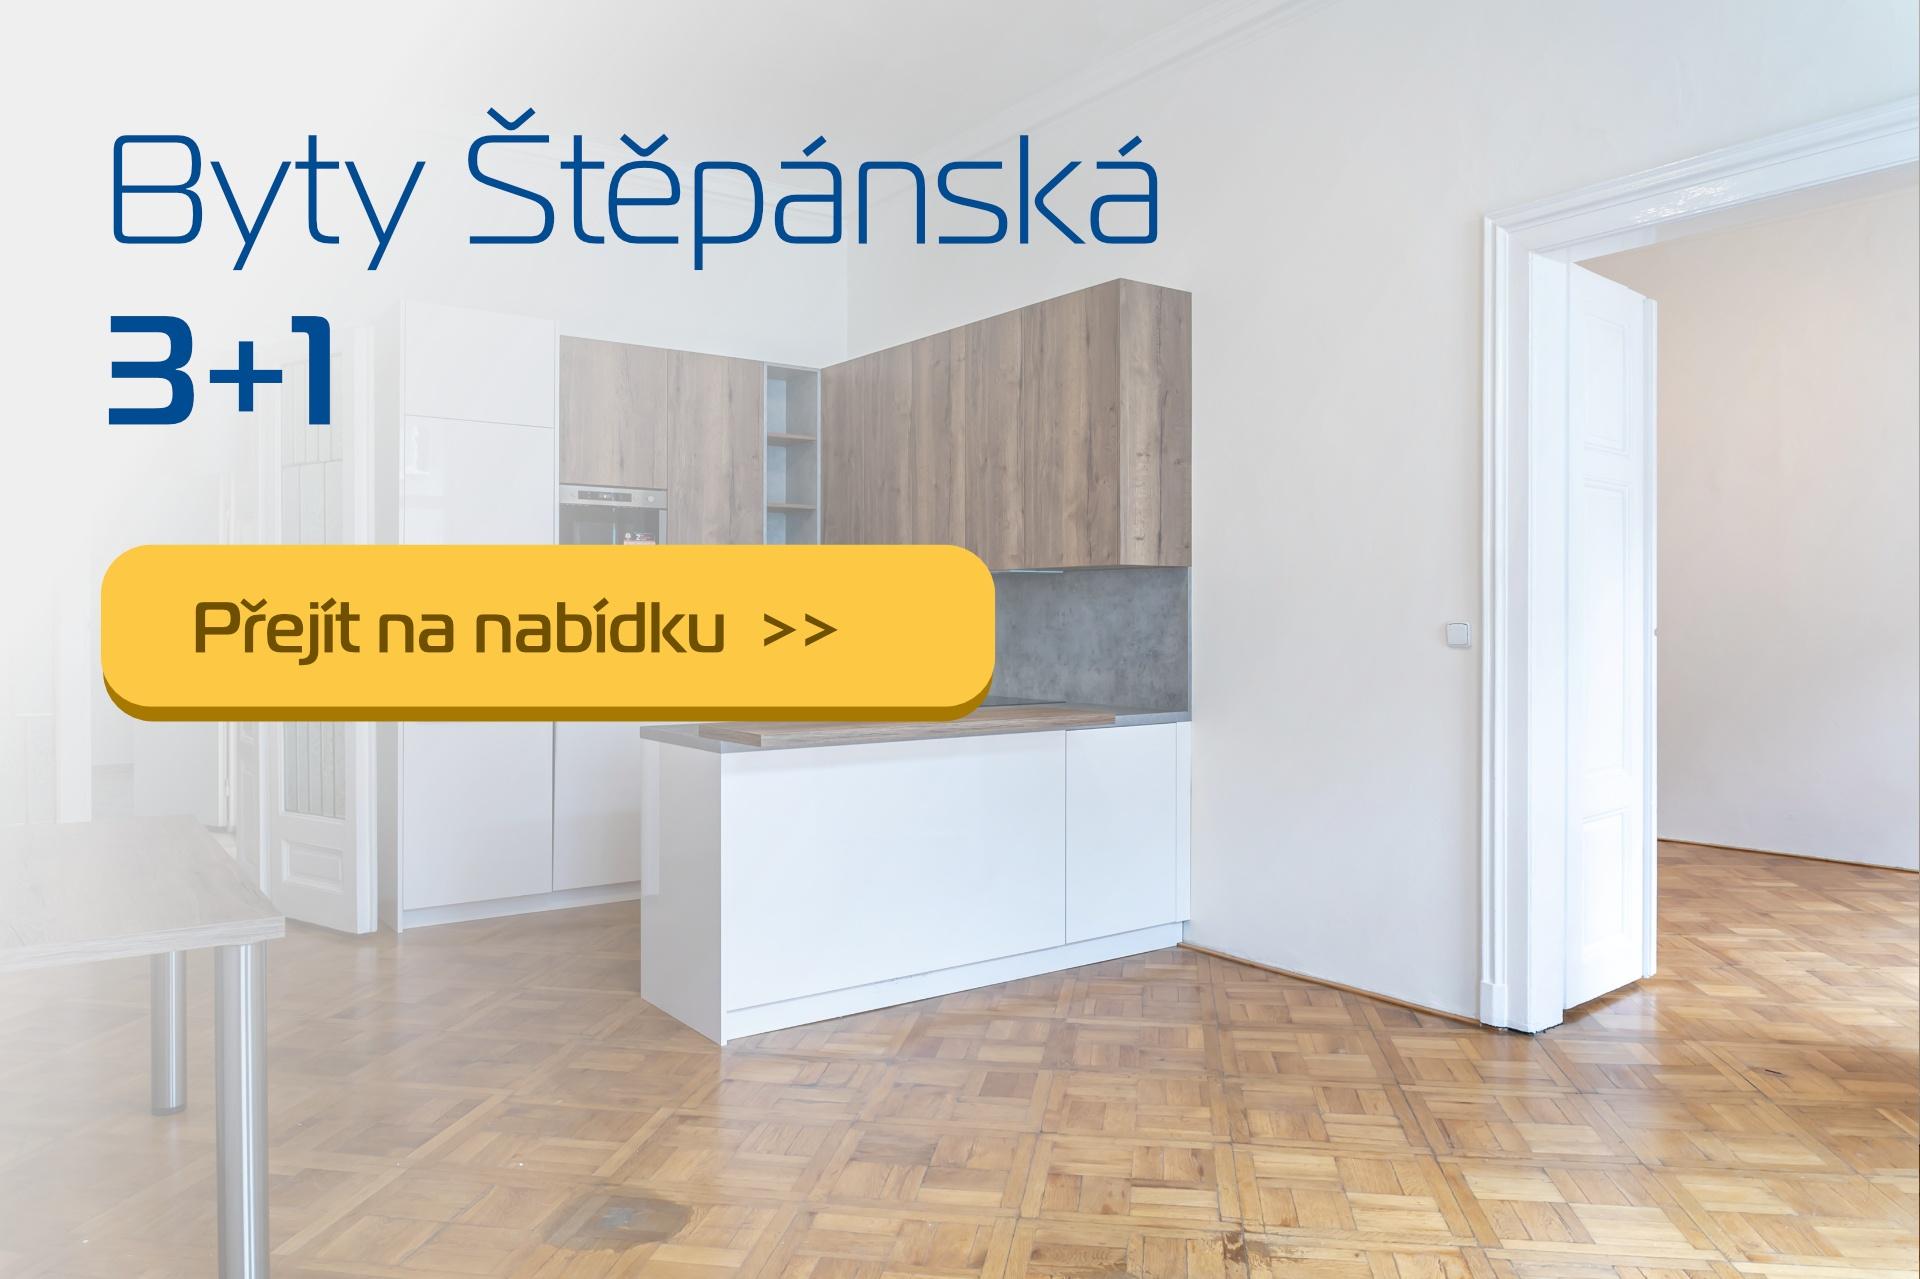 Stepanska_31_banner